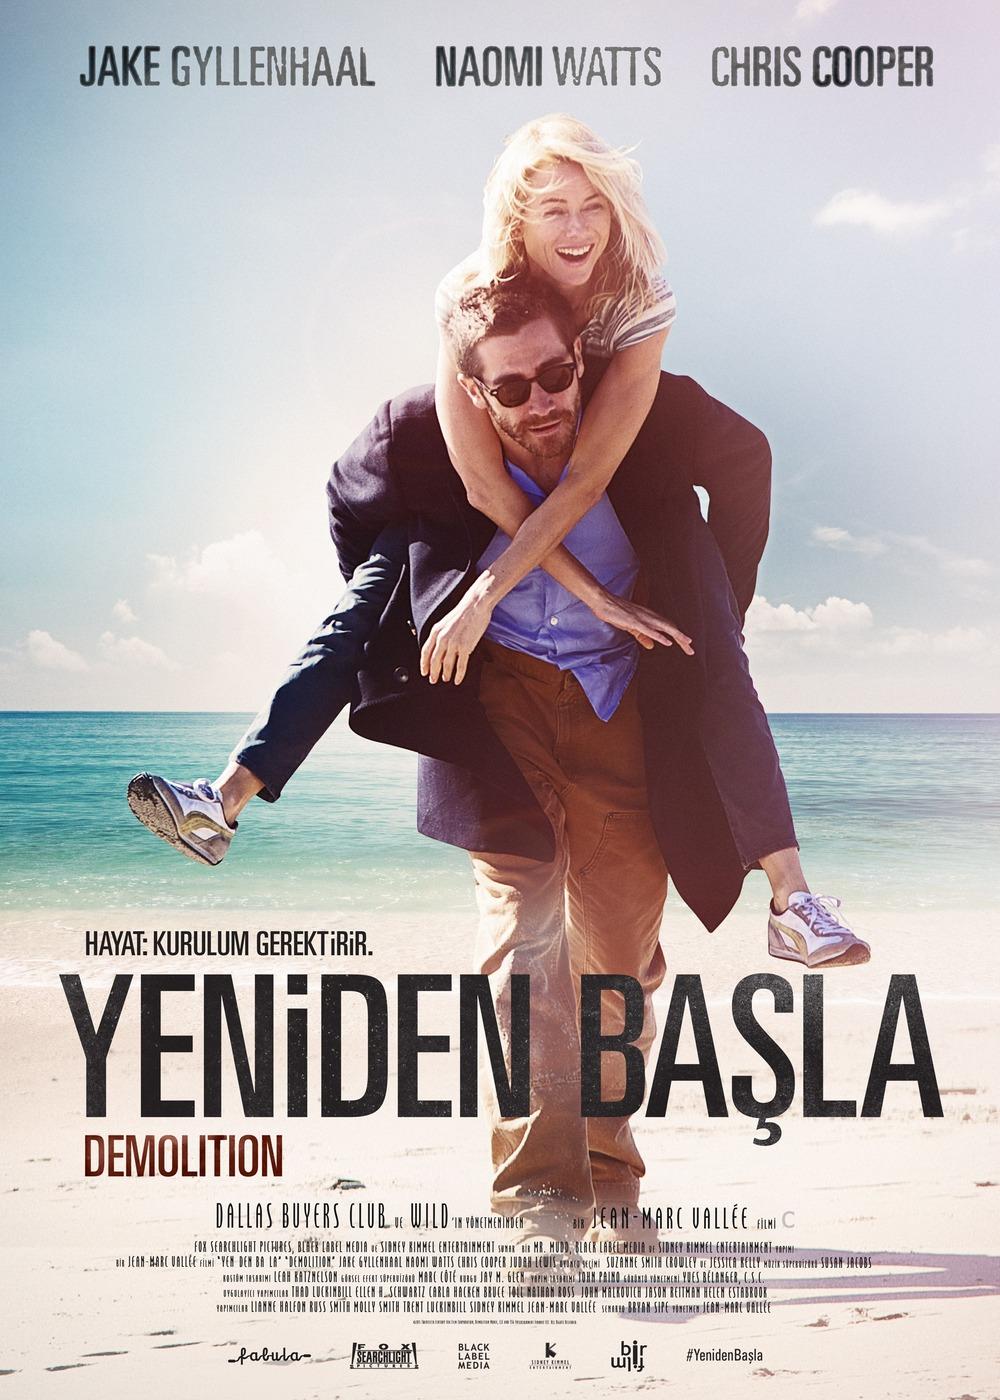 Demolition Film